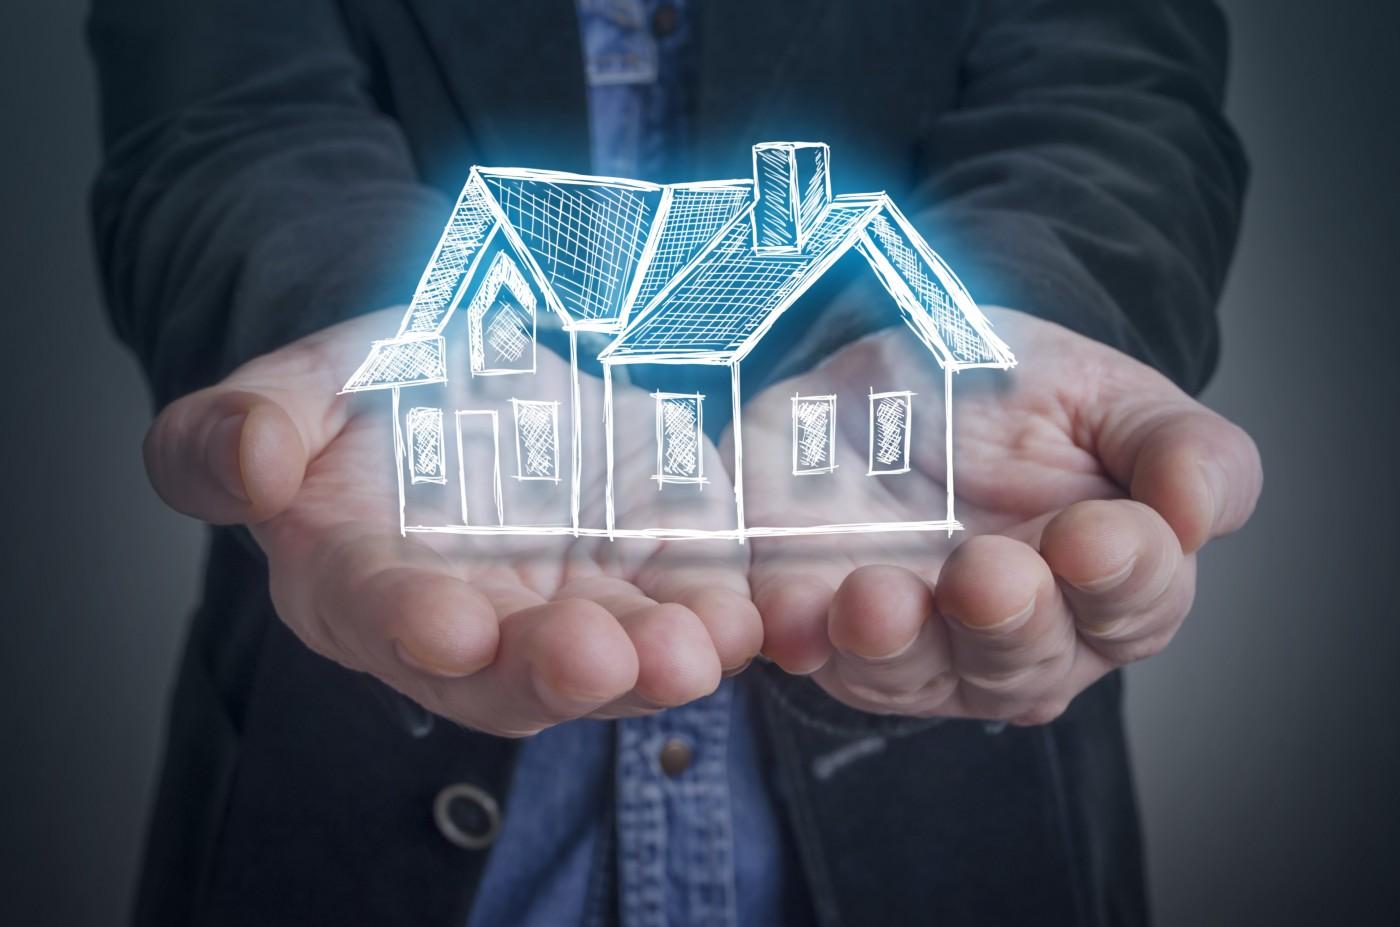 業界首例 Fintech應用落地!租屋市場首度導入P2P、區塊鏈服務